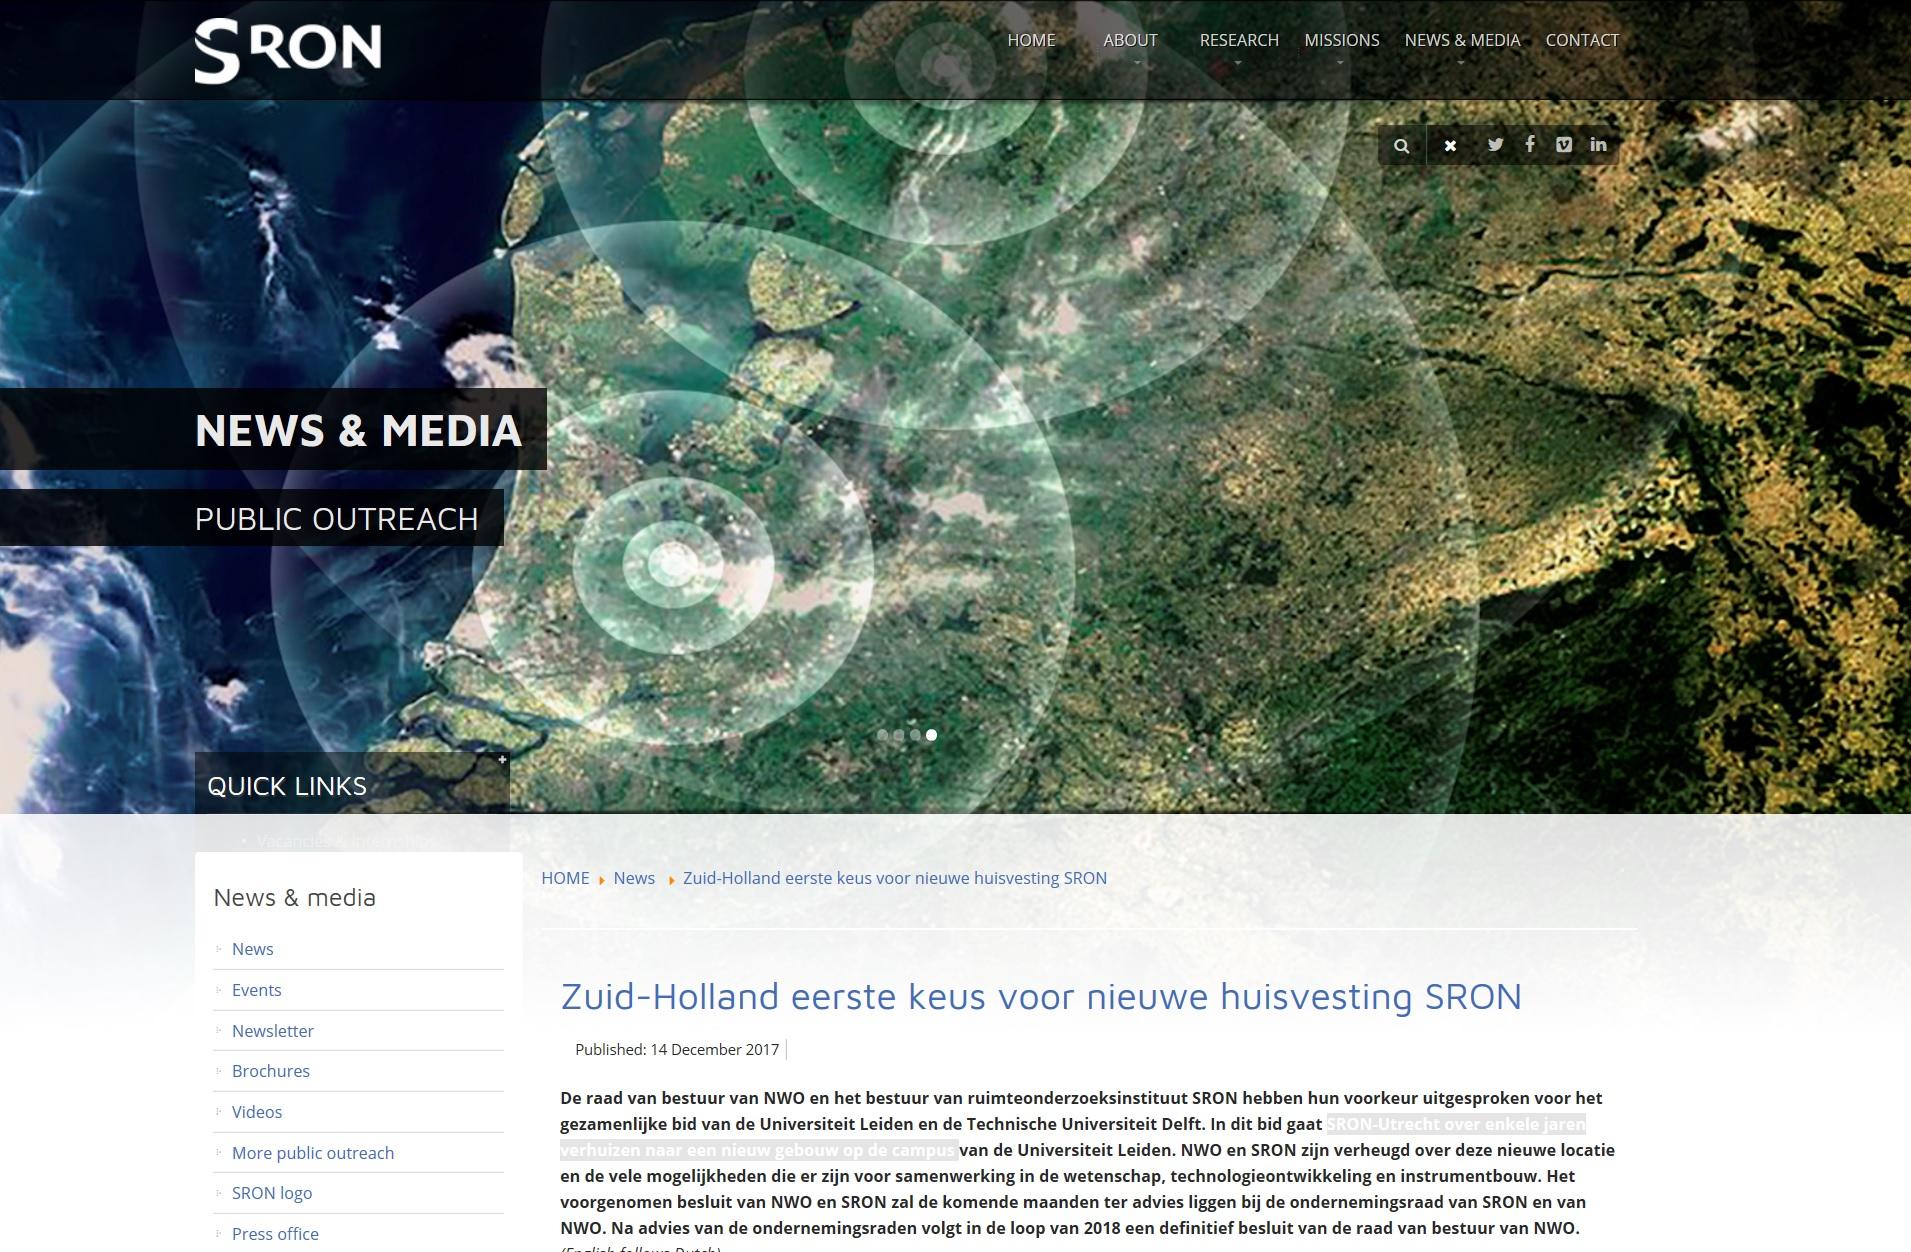 Huisvestingsconcept Voor Nieuwe Locatie SRON